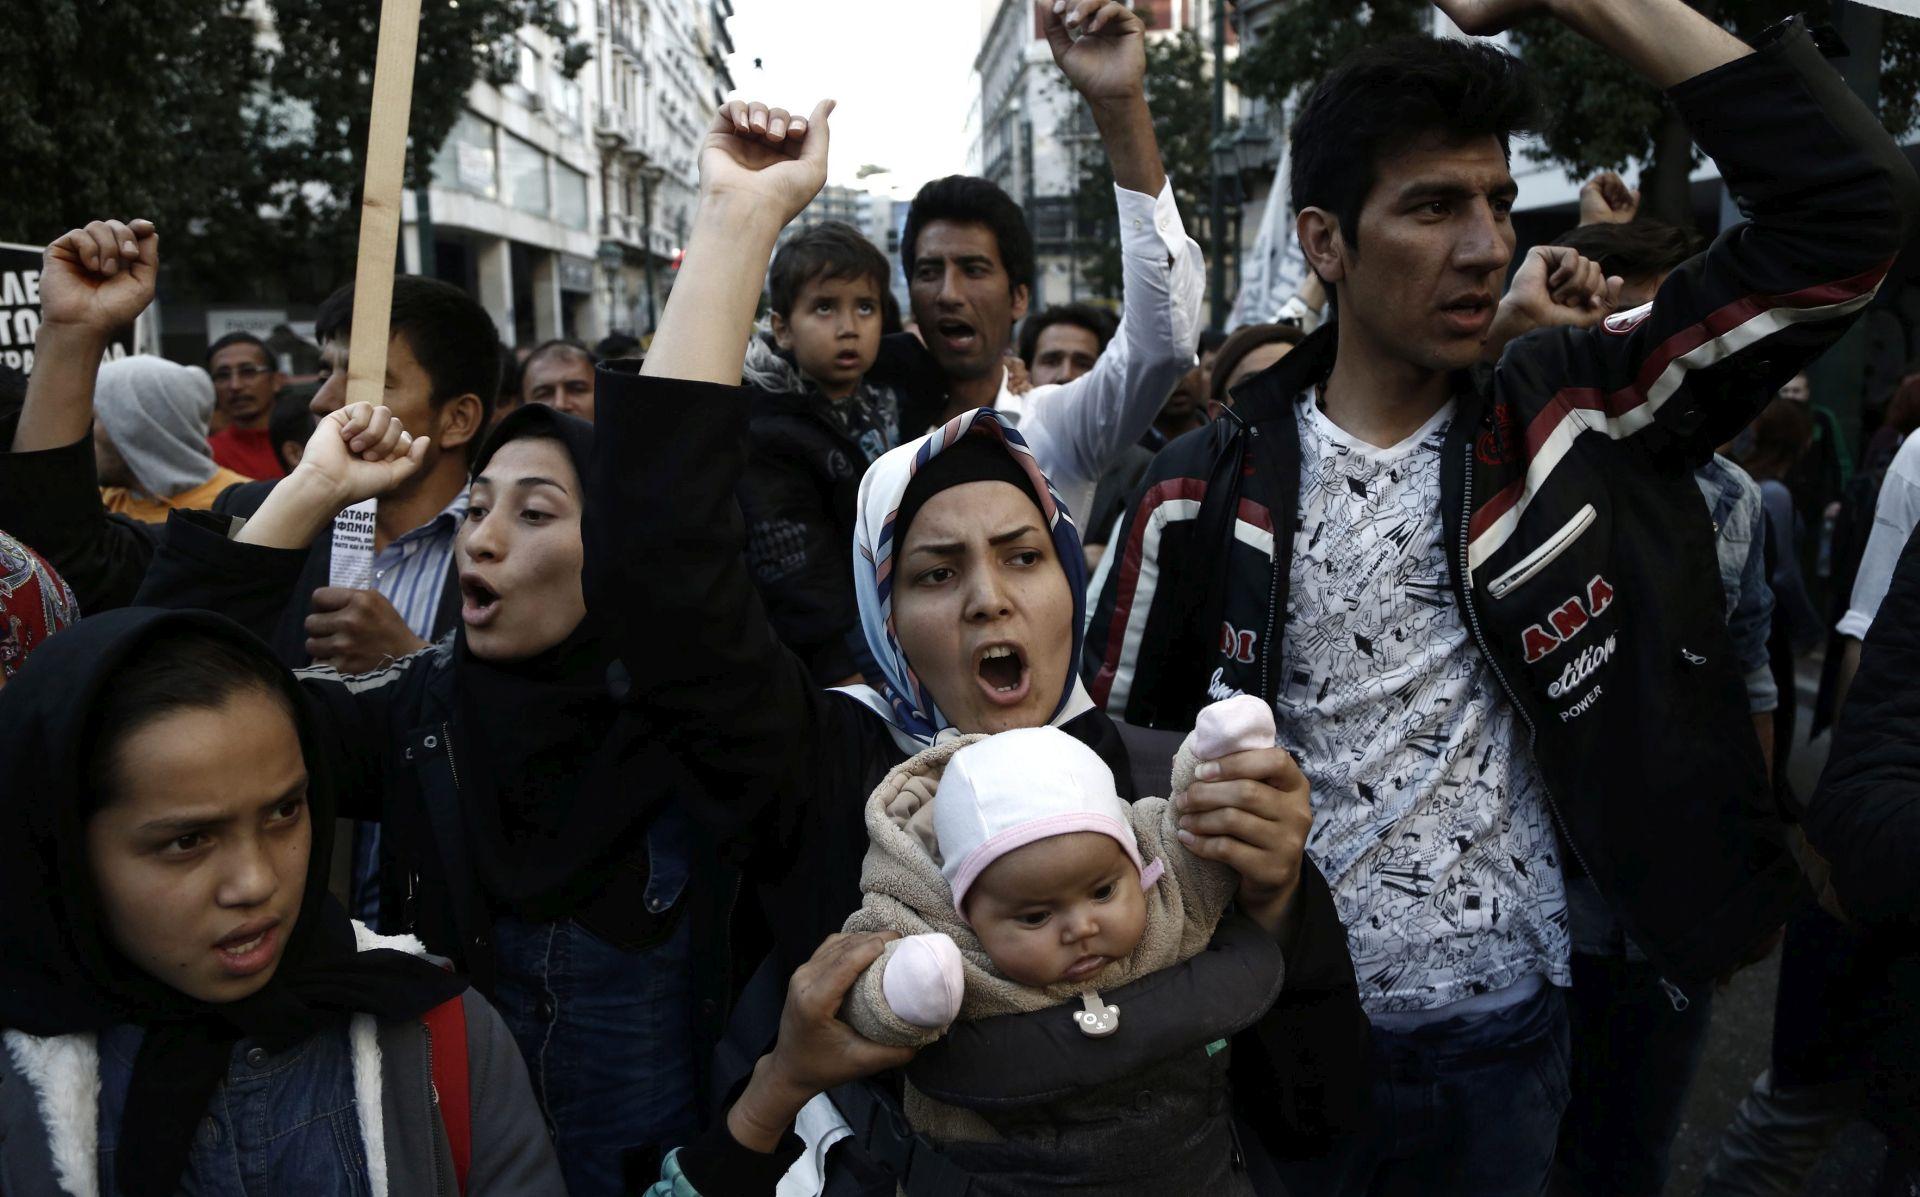 UNATOČ DOGOVORU EU-TURSKA: Nagli skok dolazaka migranata u Grčku